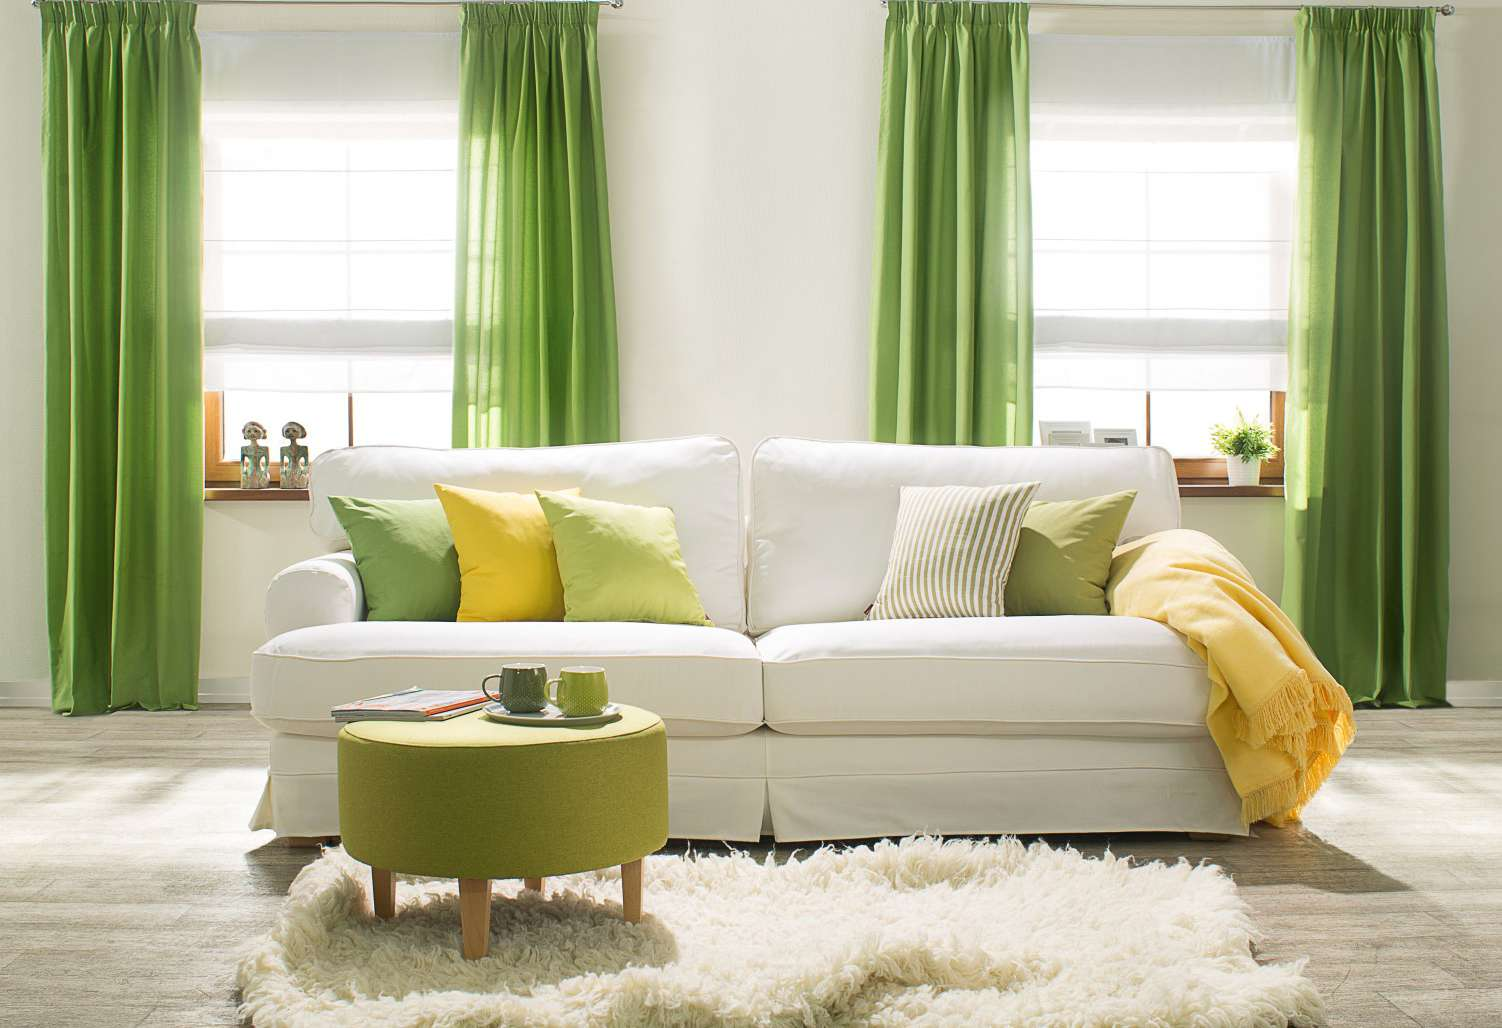 Nappali - tavaszi üde színek: zöld